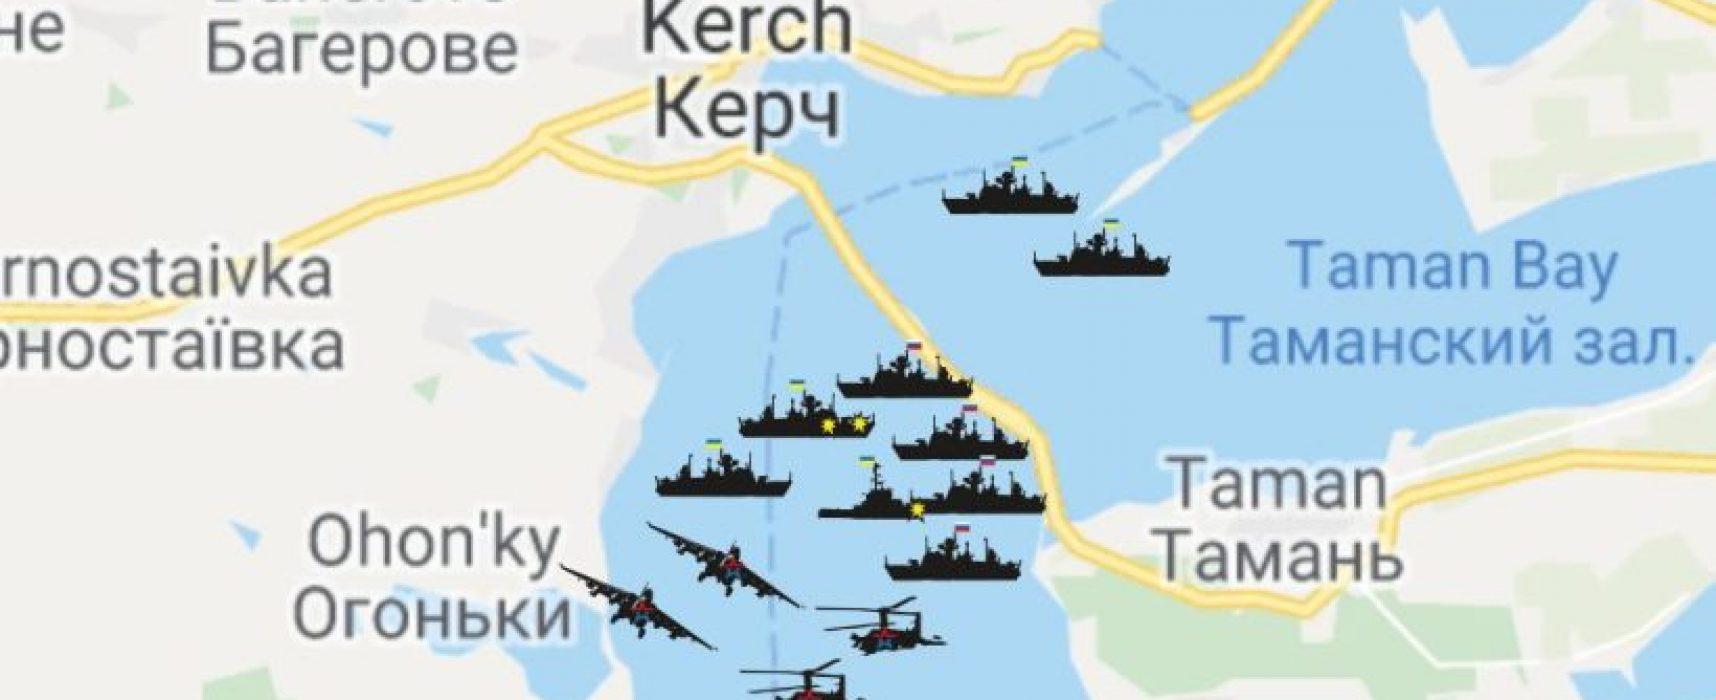 La desinformación de Kremlin sobre los acontecimientos del estrecho de Kerch